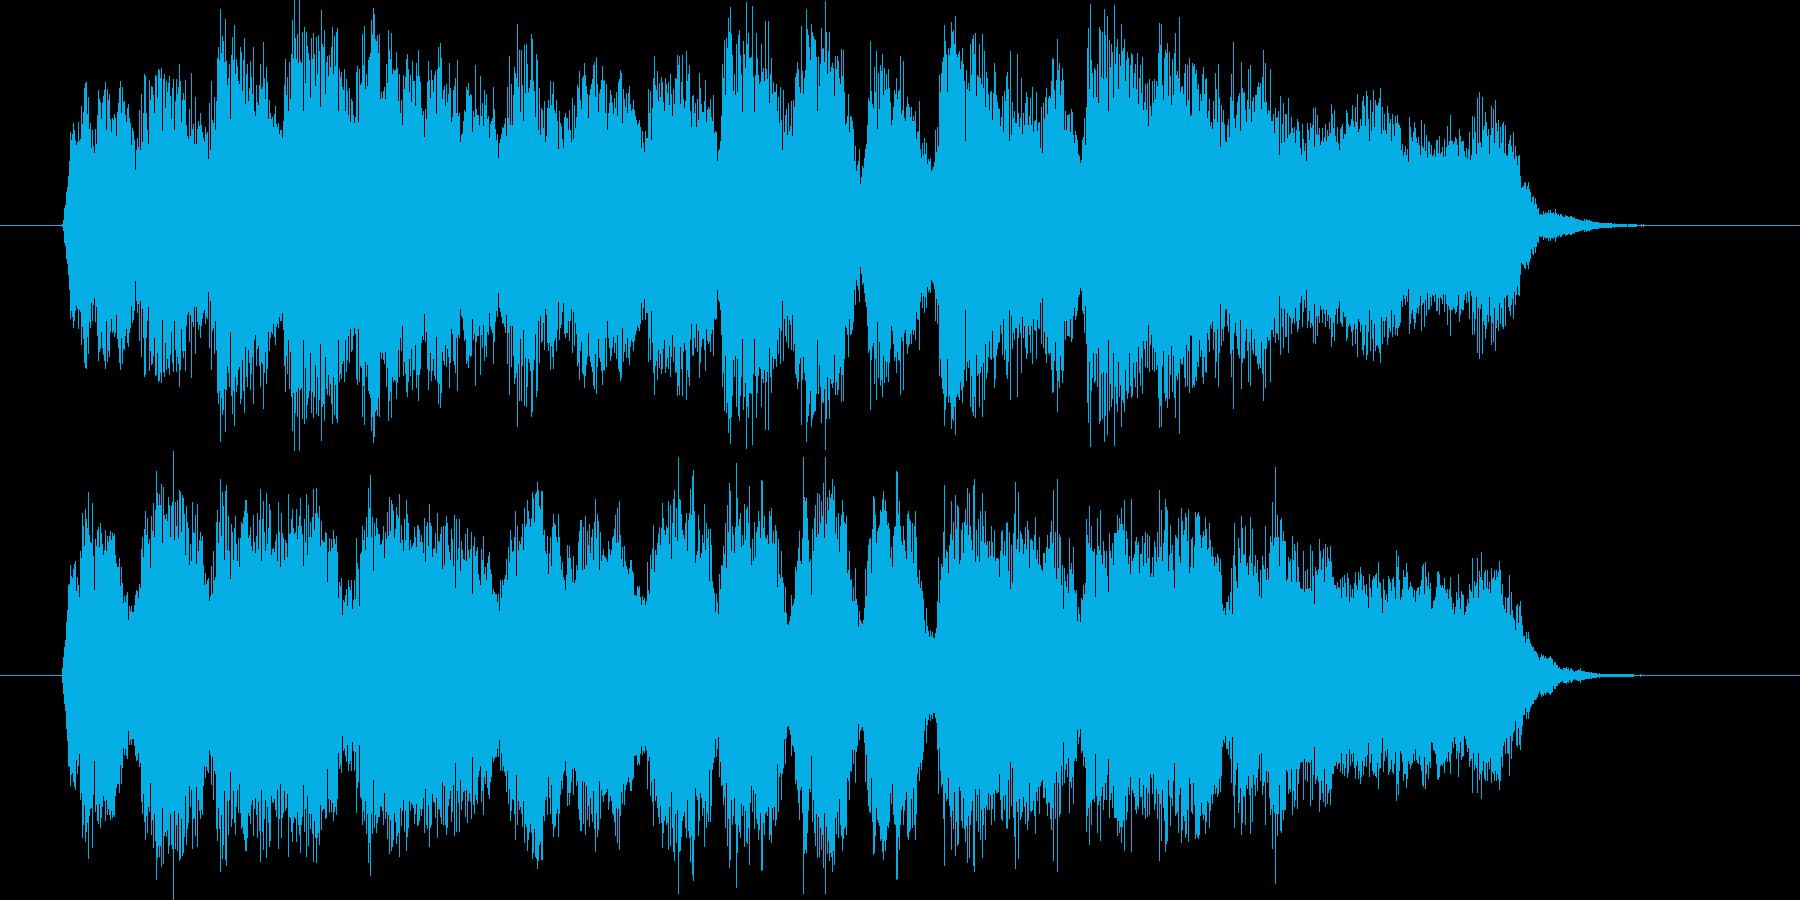 中世ヨーロッパ的なクラシックジングルの再生済みの波形